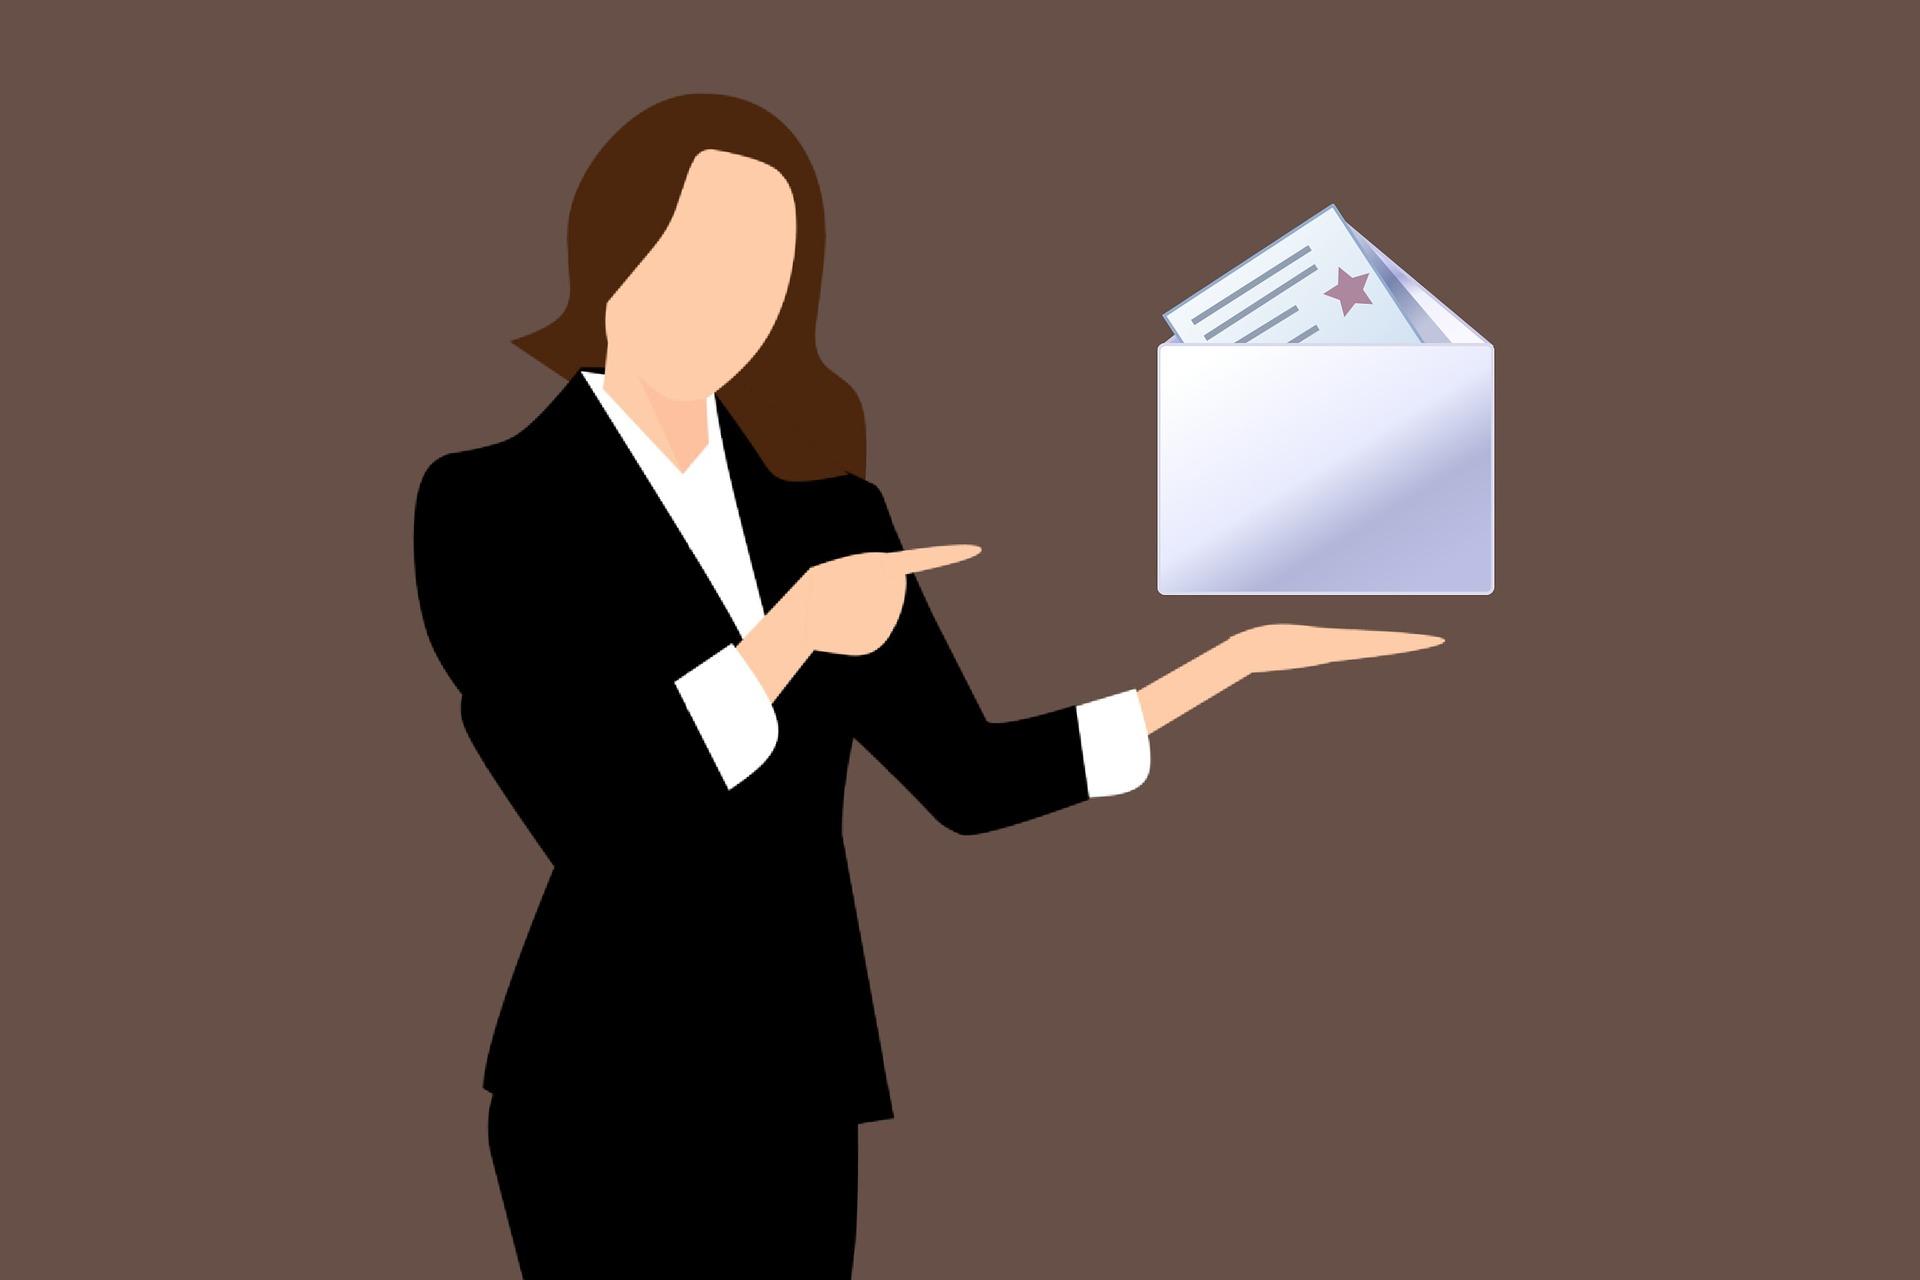 マイナビの就活イベント2022について!評判や登録の流れなども解説!